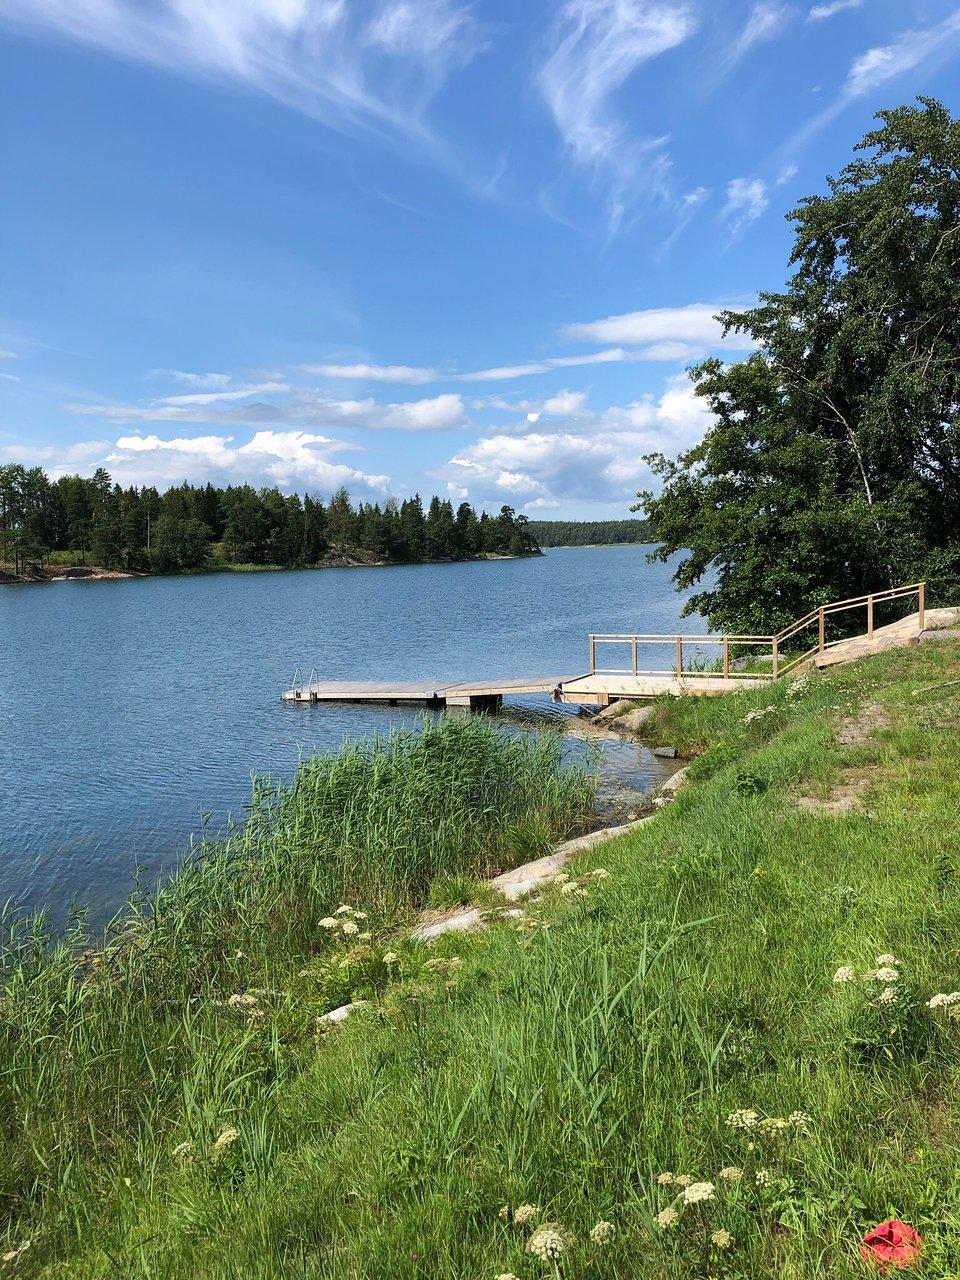 Stockholms skrgrd: Vaxholms kommun, Frtuna och Lnna